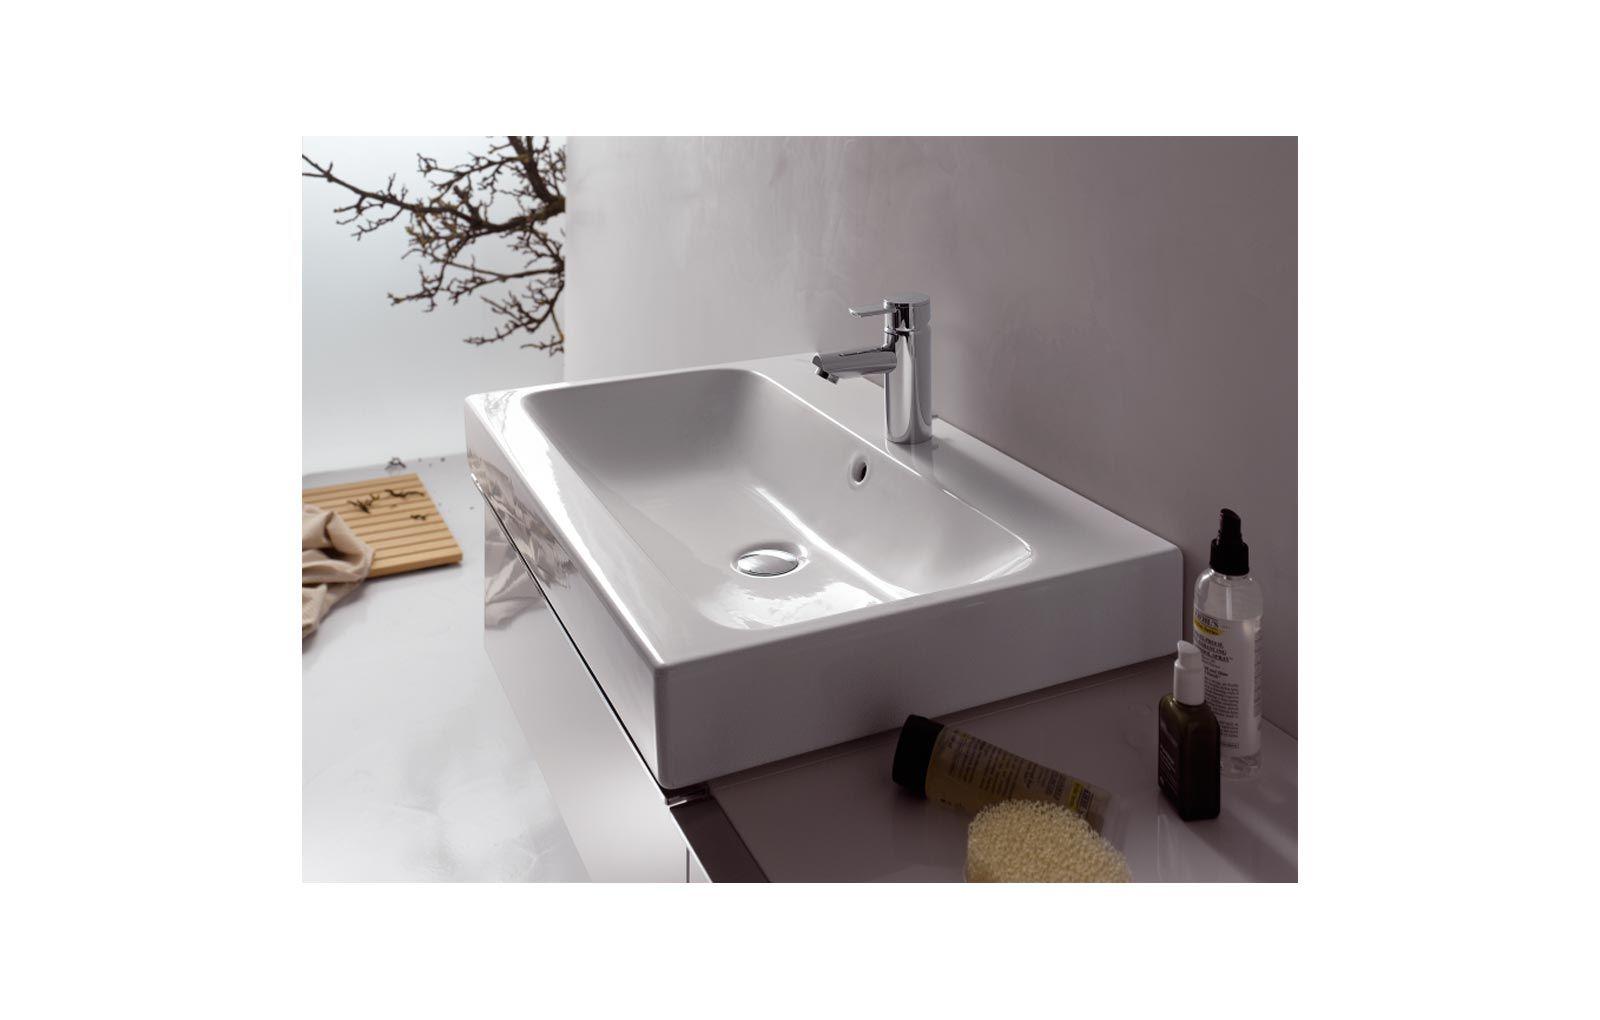 waschbecken keramag icon sinnliches erlebnisbad pinterest waschtisch waschbecken und bad. Black Bedroom Furniture Sets. Home Design Ideas